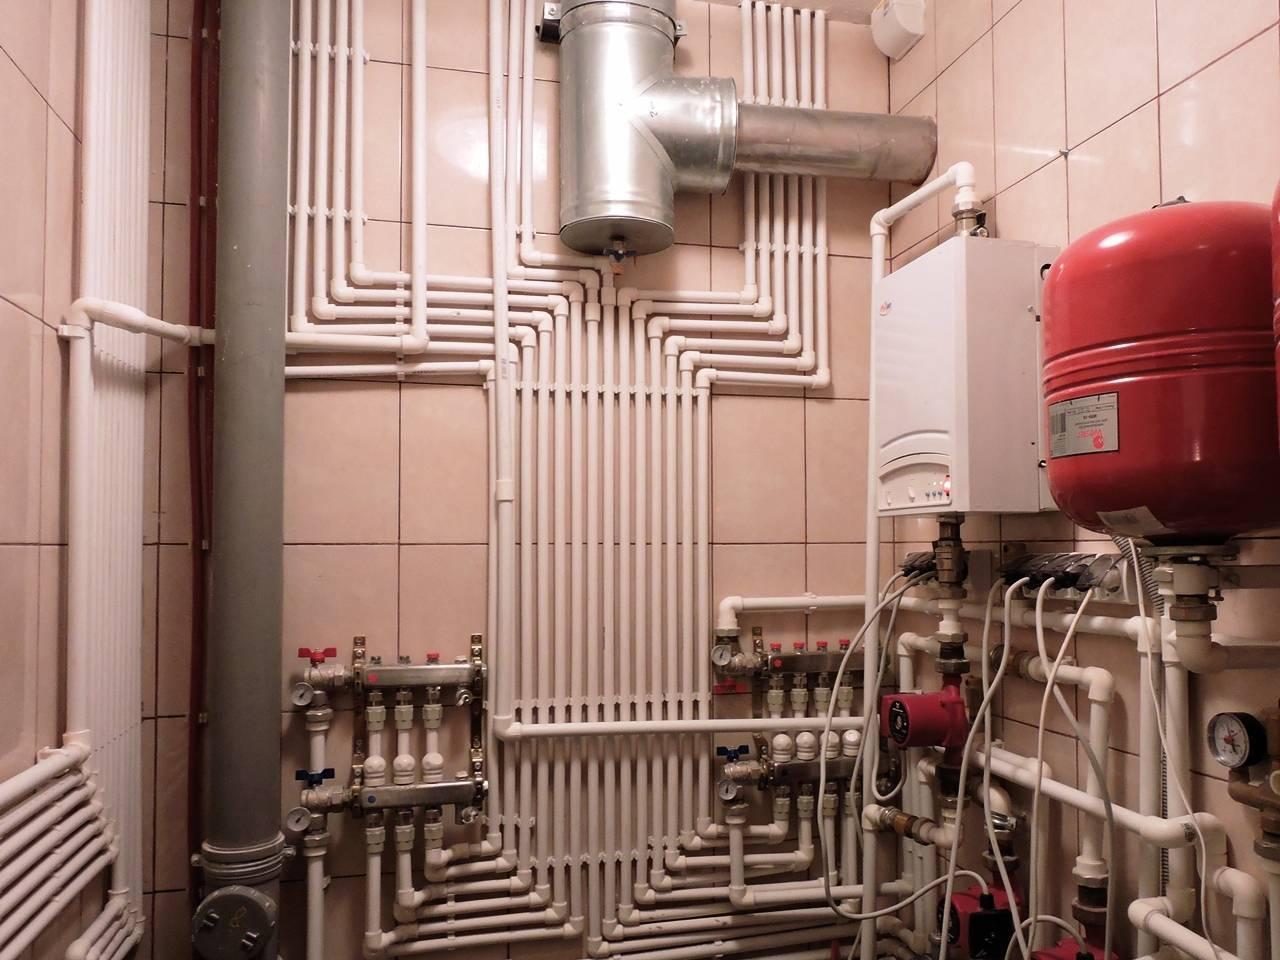 Расход газа на отопление дома: кпд газового котла, расчет количества потребления пропана, фото и видео примеры